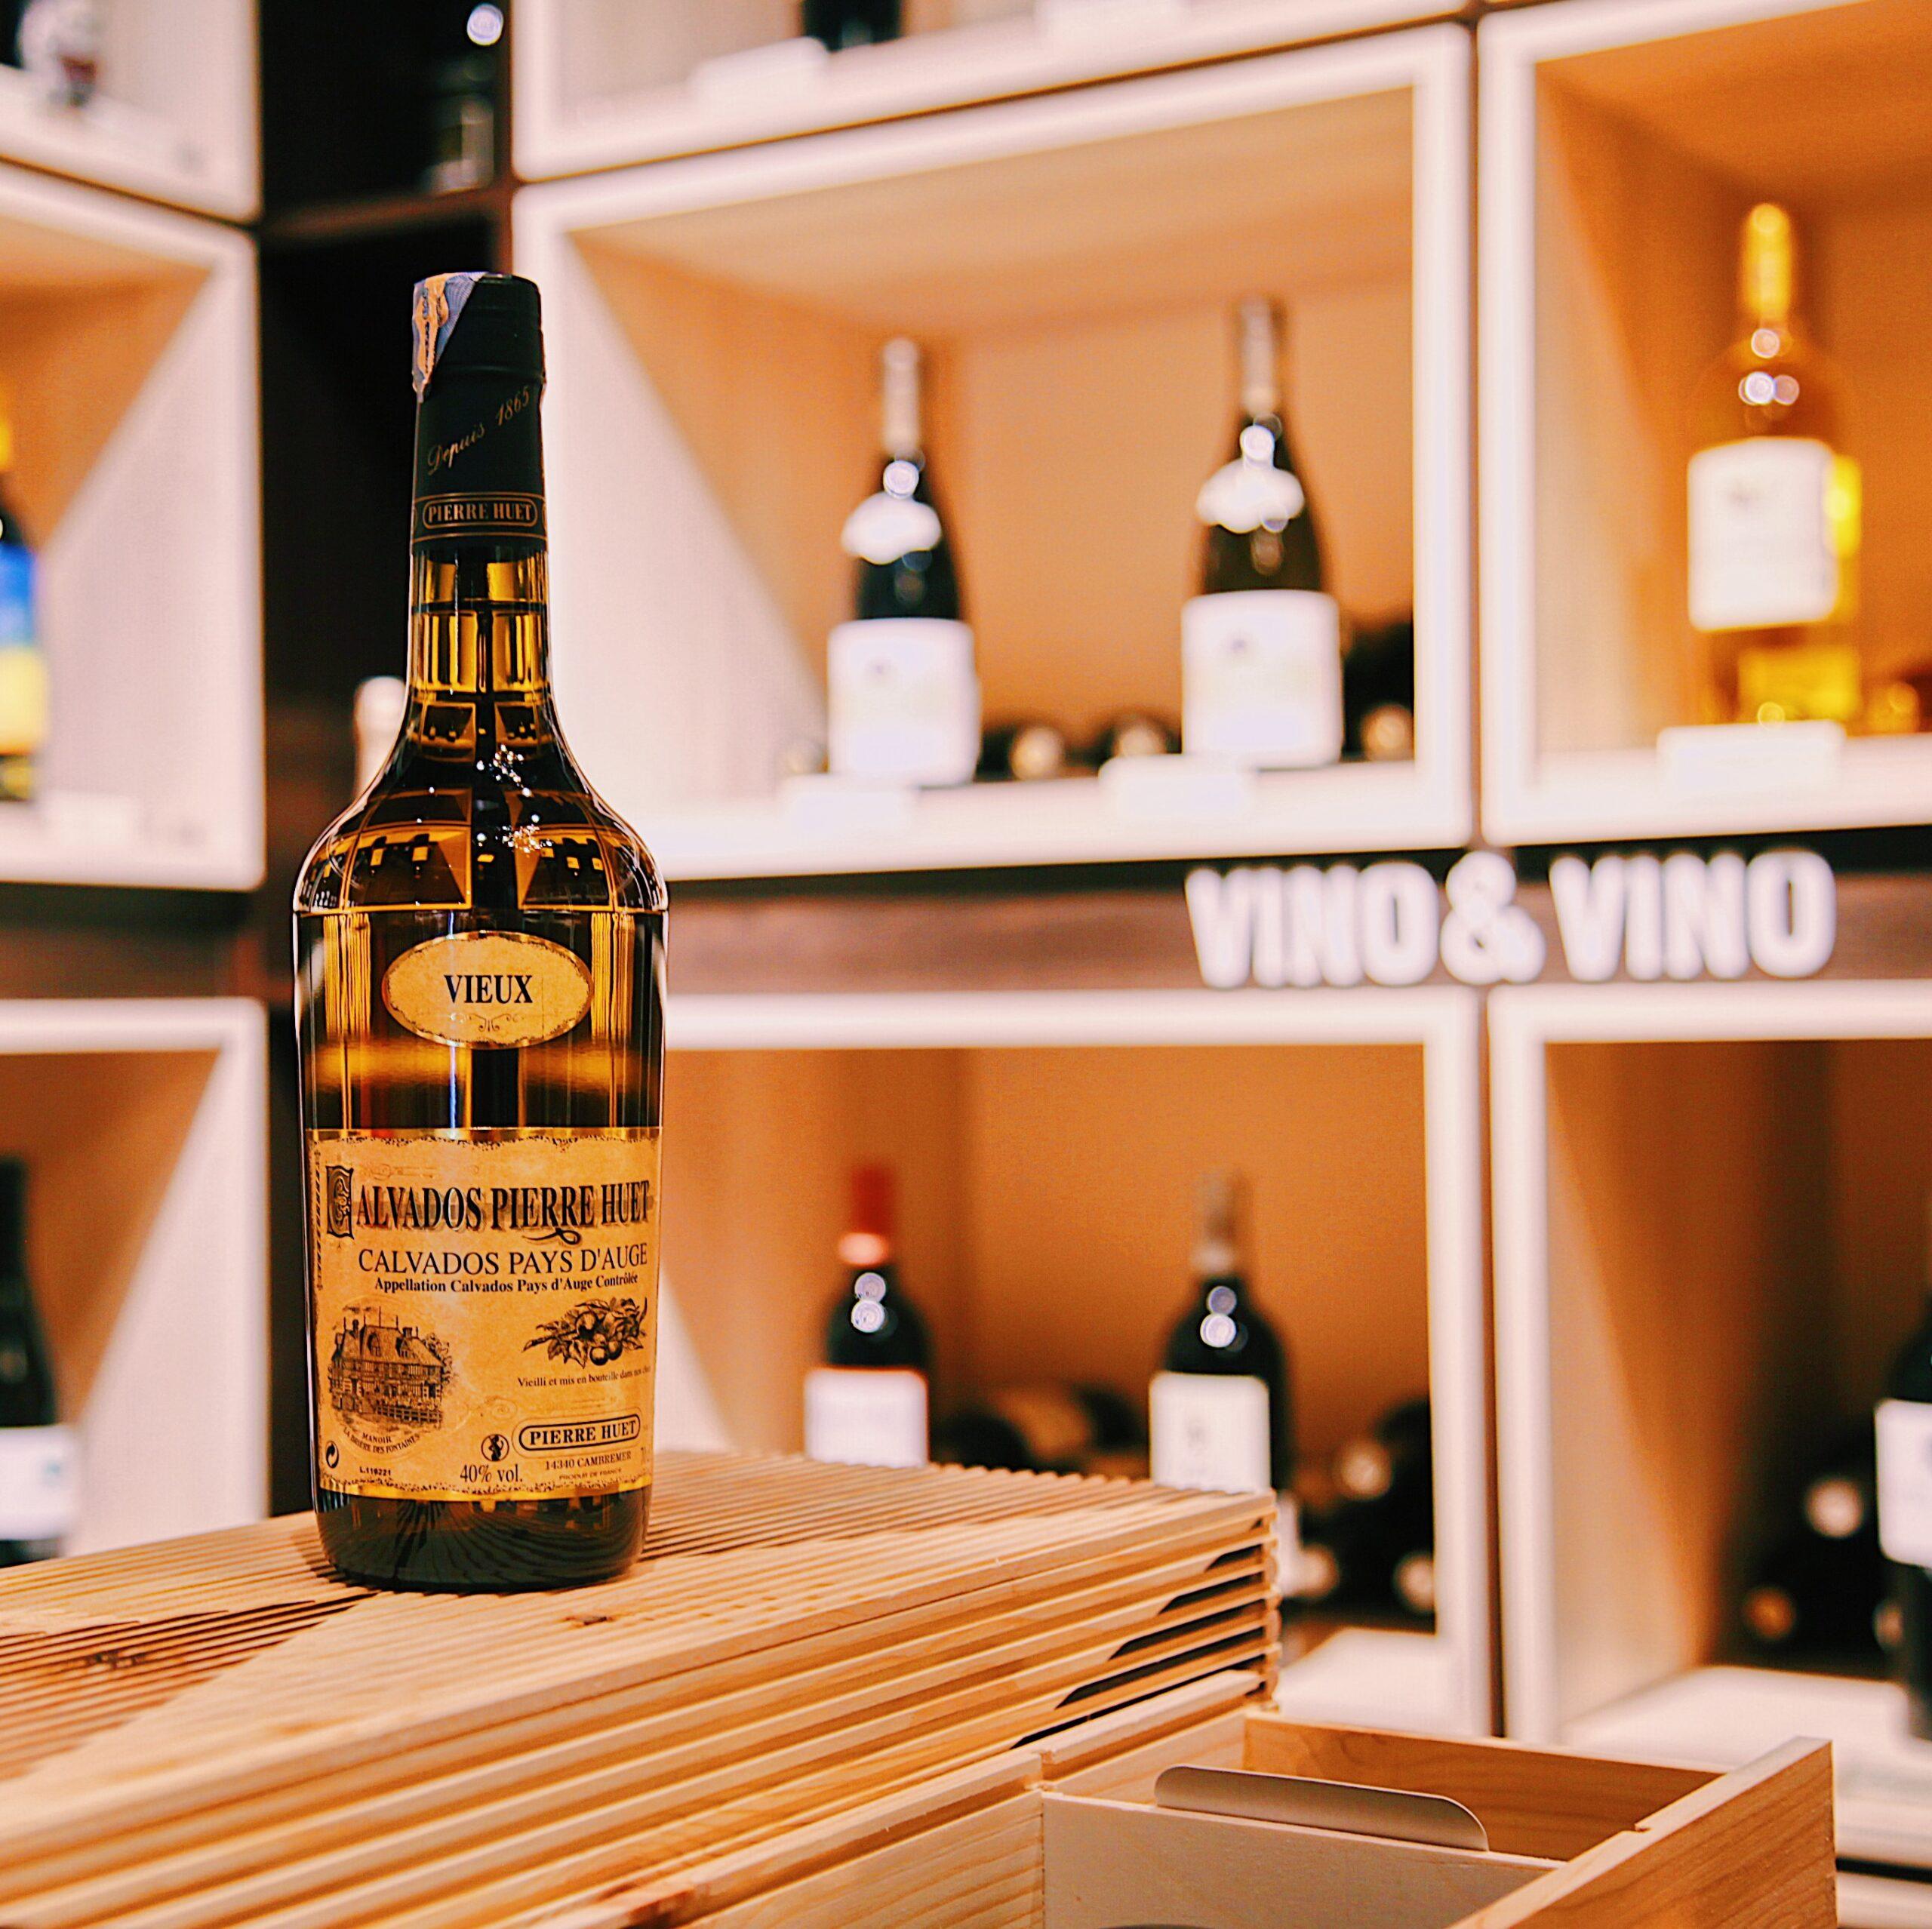 Calvados Vieux 0.700